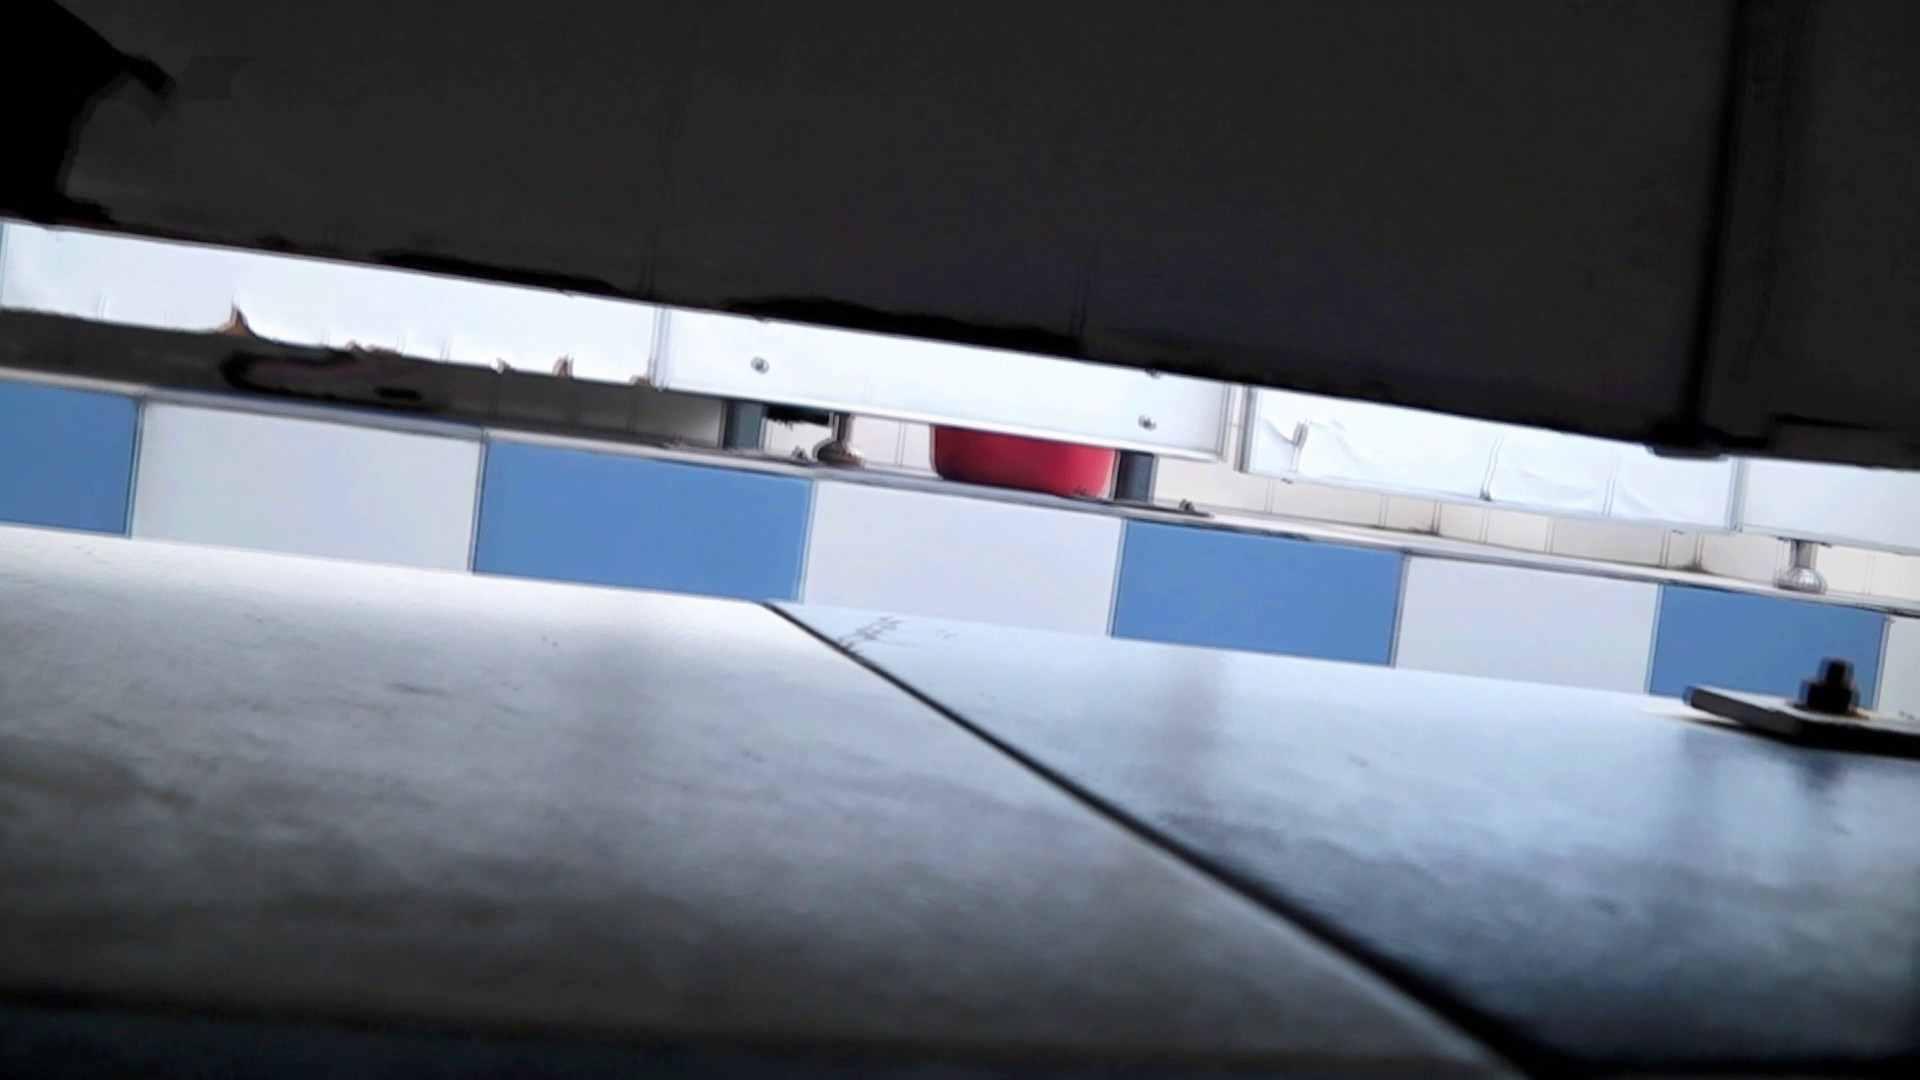 下からノゾム vol.020 10センチ越えドロンを垂らしながら・・・ エッチすぎるOL達 | 0  88連発 53